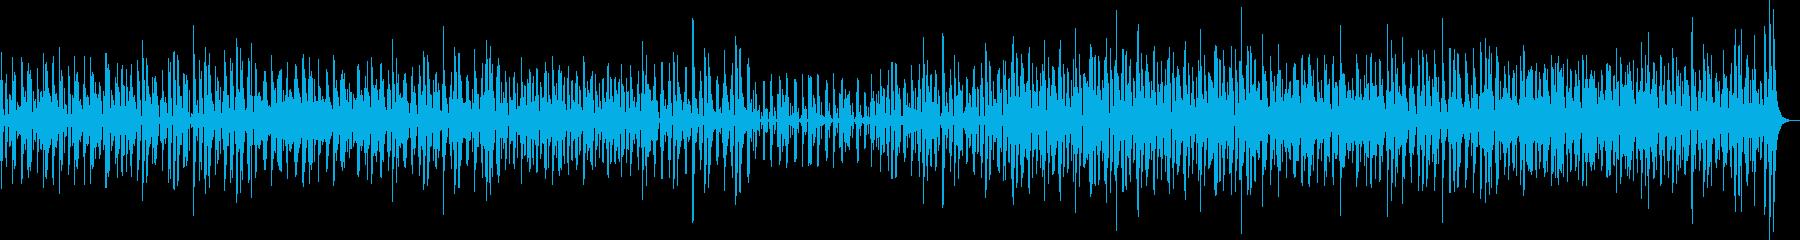 キッズトーク、悪巧み、楽しい、いたずらの再生済みの波形